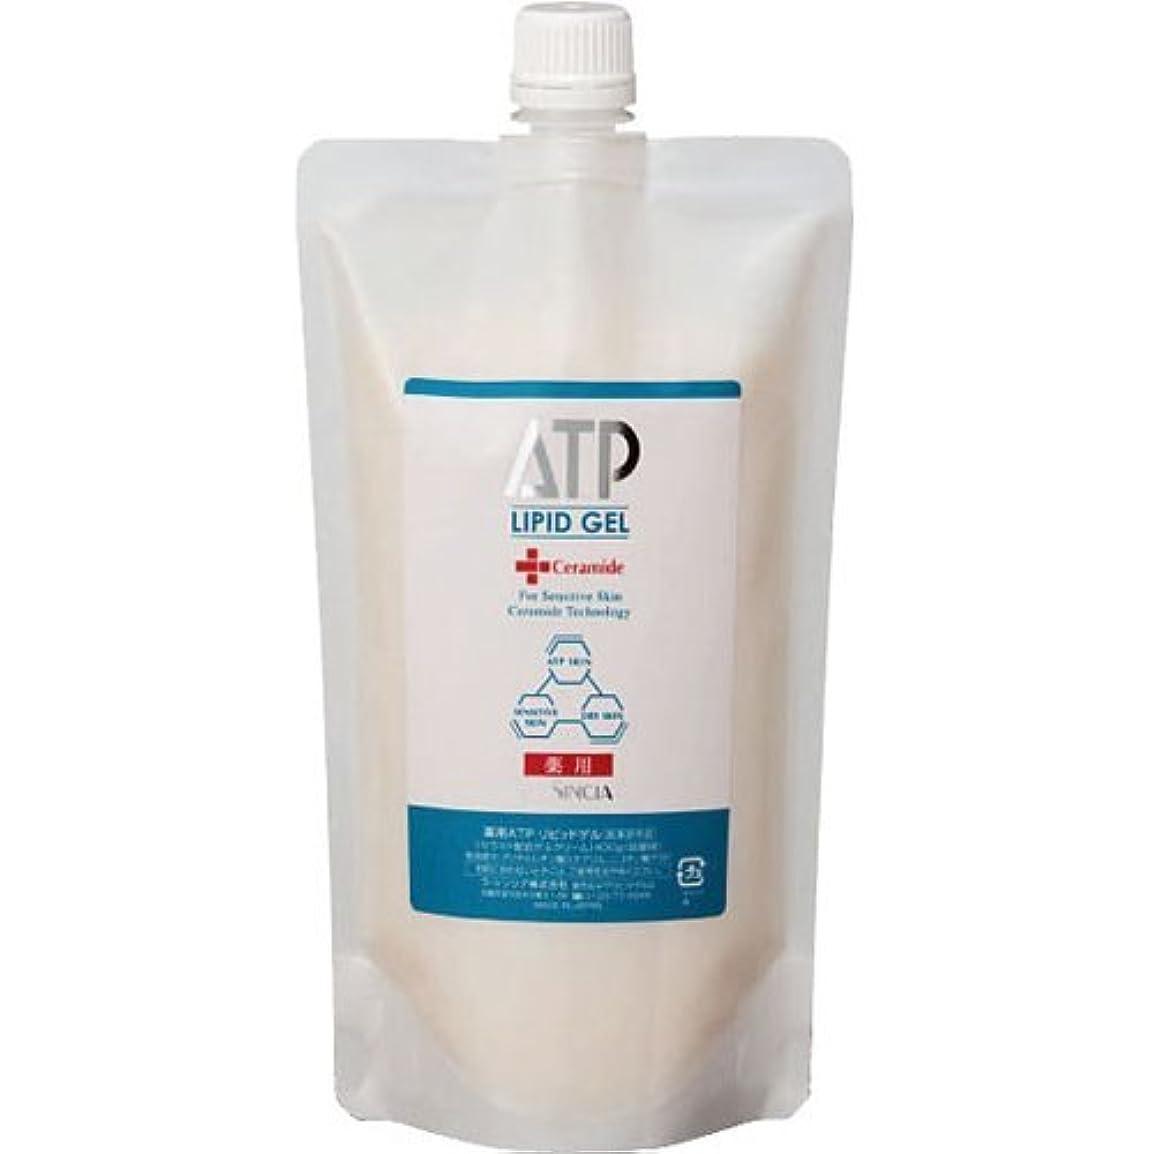 エステート速報たっぷりラシンシア 薬用ATPリピッドゲル 400g(詰替用) 【セラミド配合ゲルクリーム】